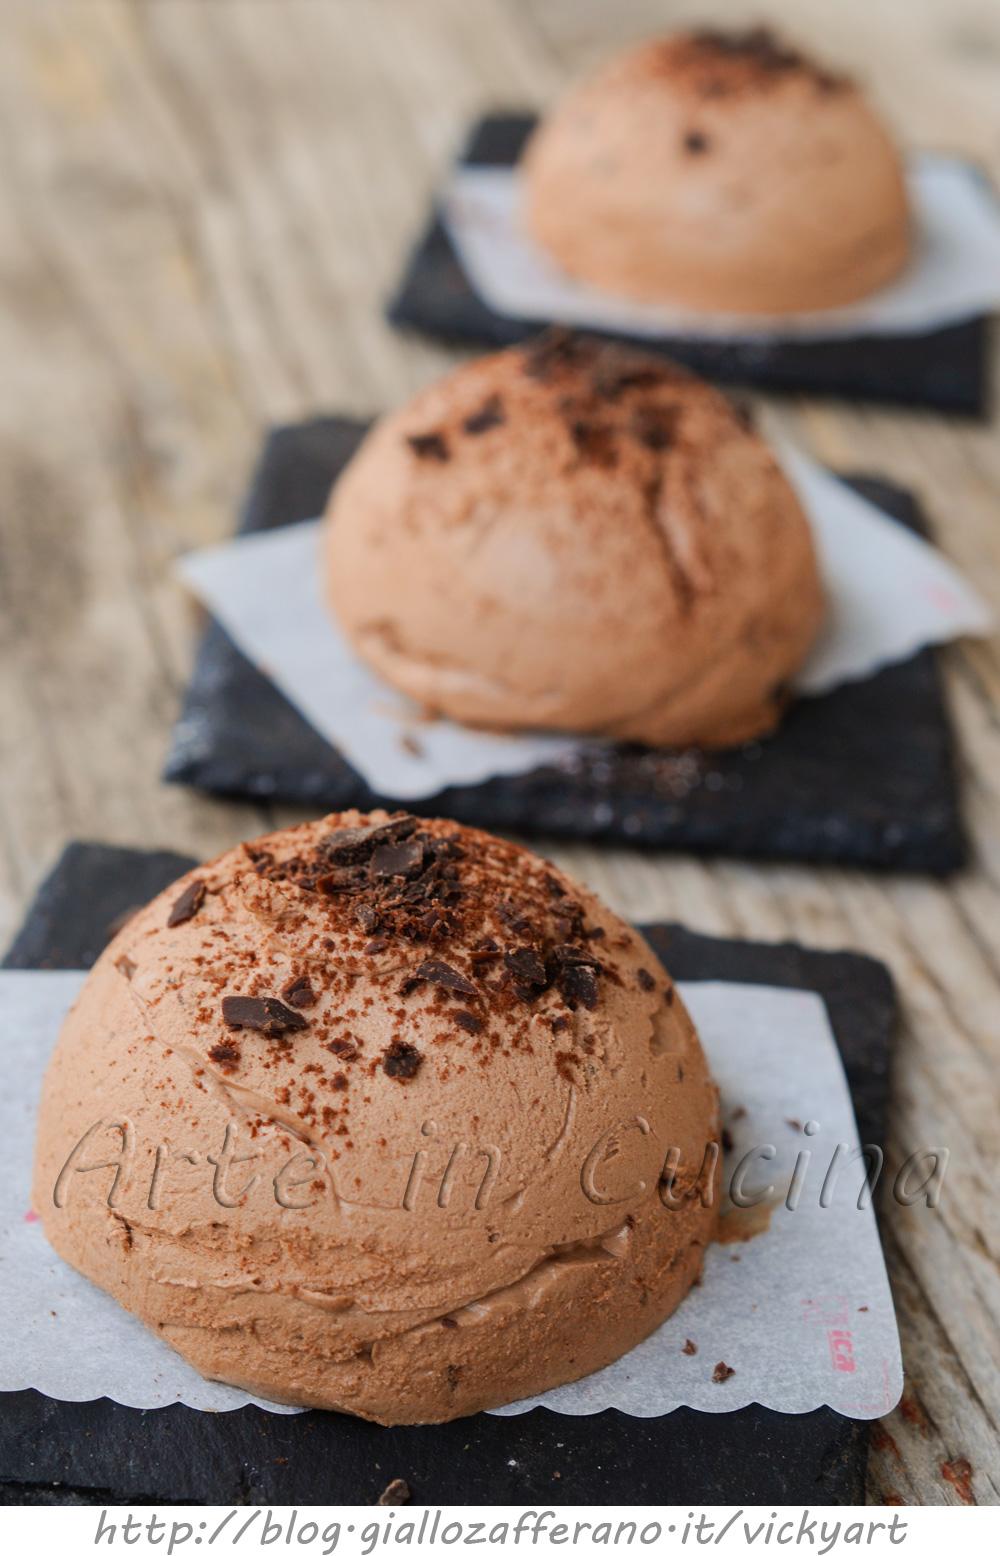 Mousse golosa al cioccolato fondente ricetta facile vickyart arte in cucina